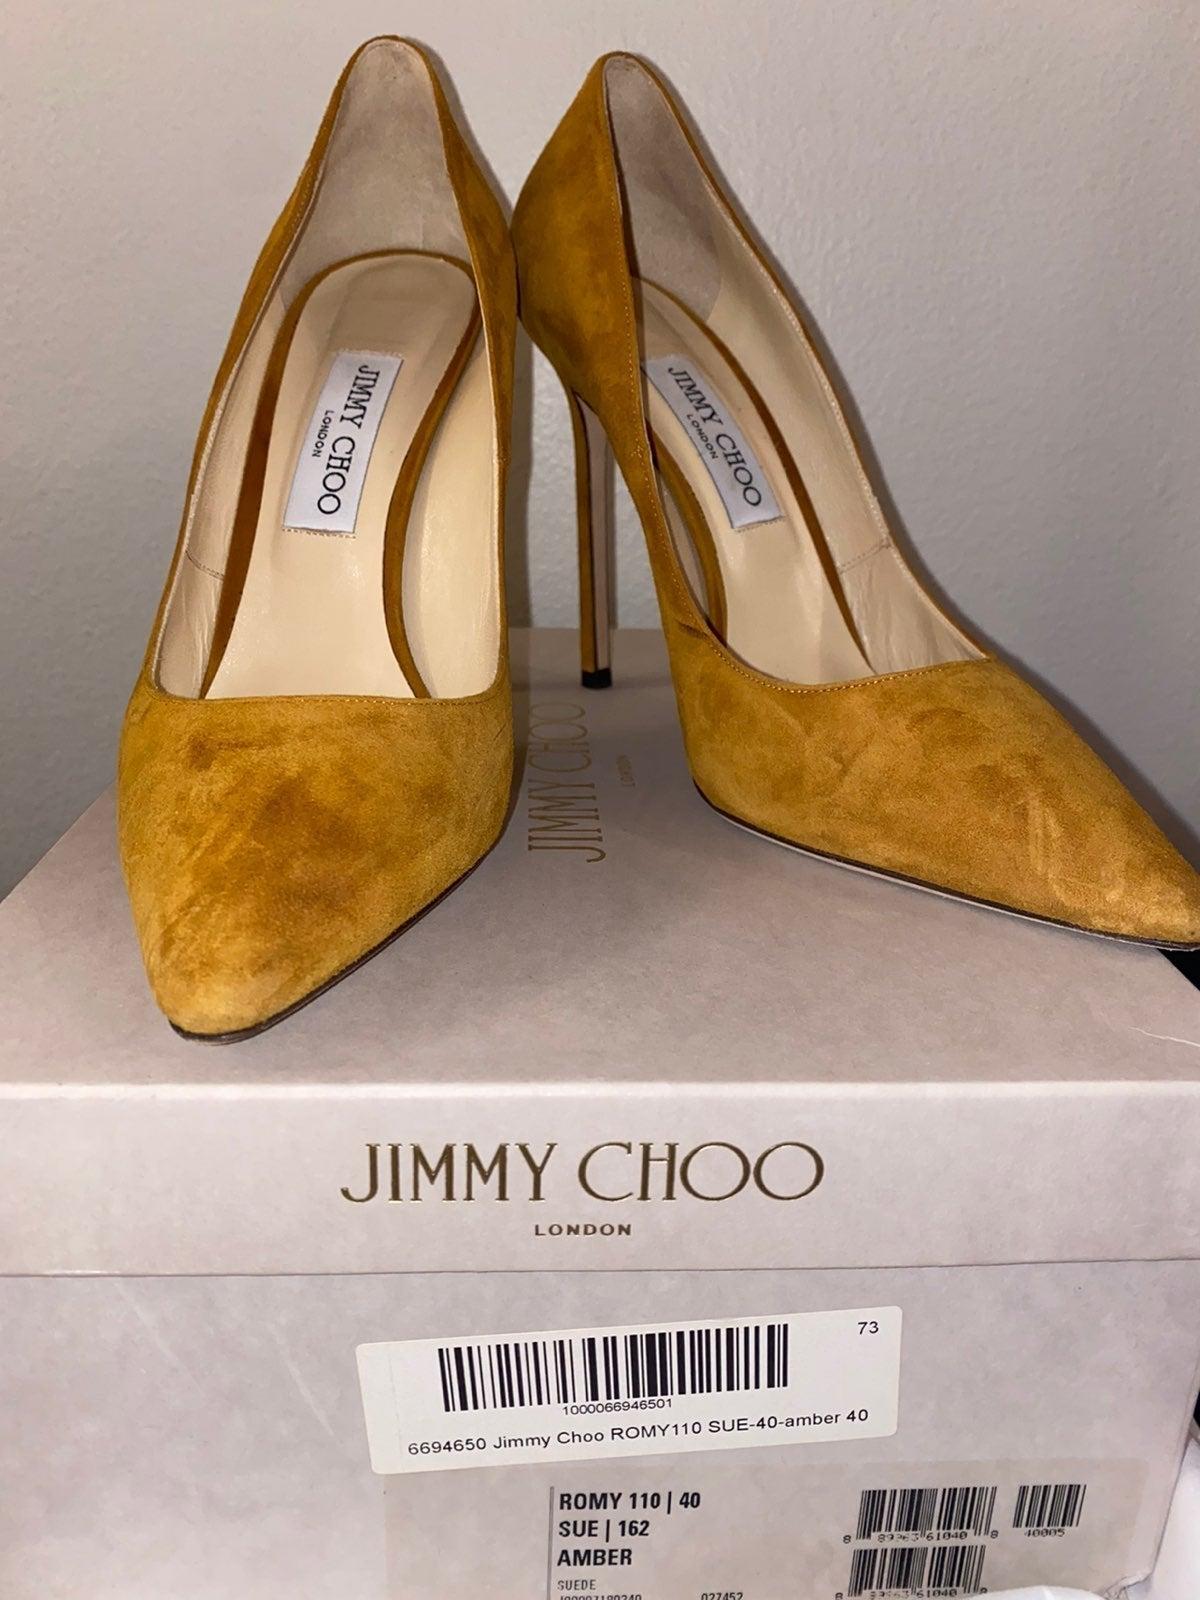 Jimmy Choo ROMY 110 Suede Amber